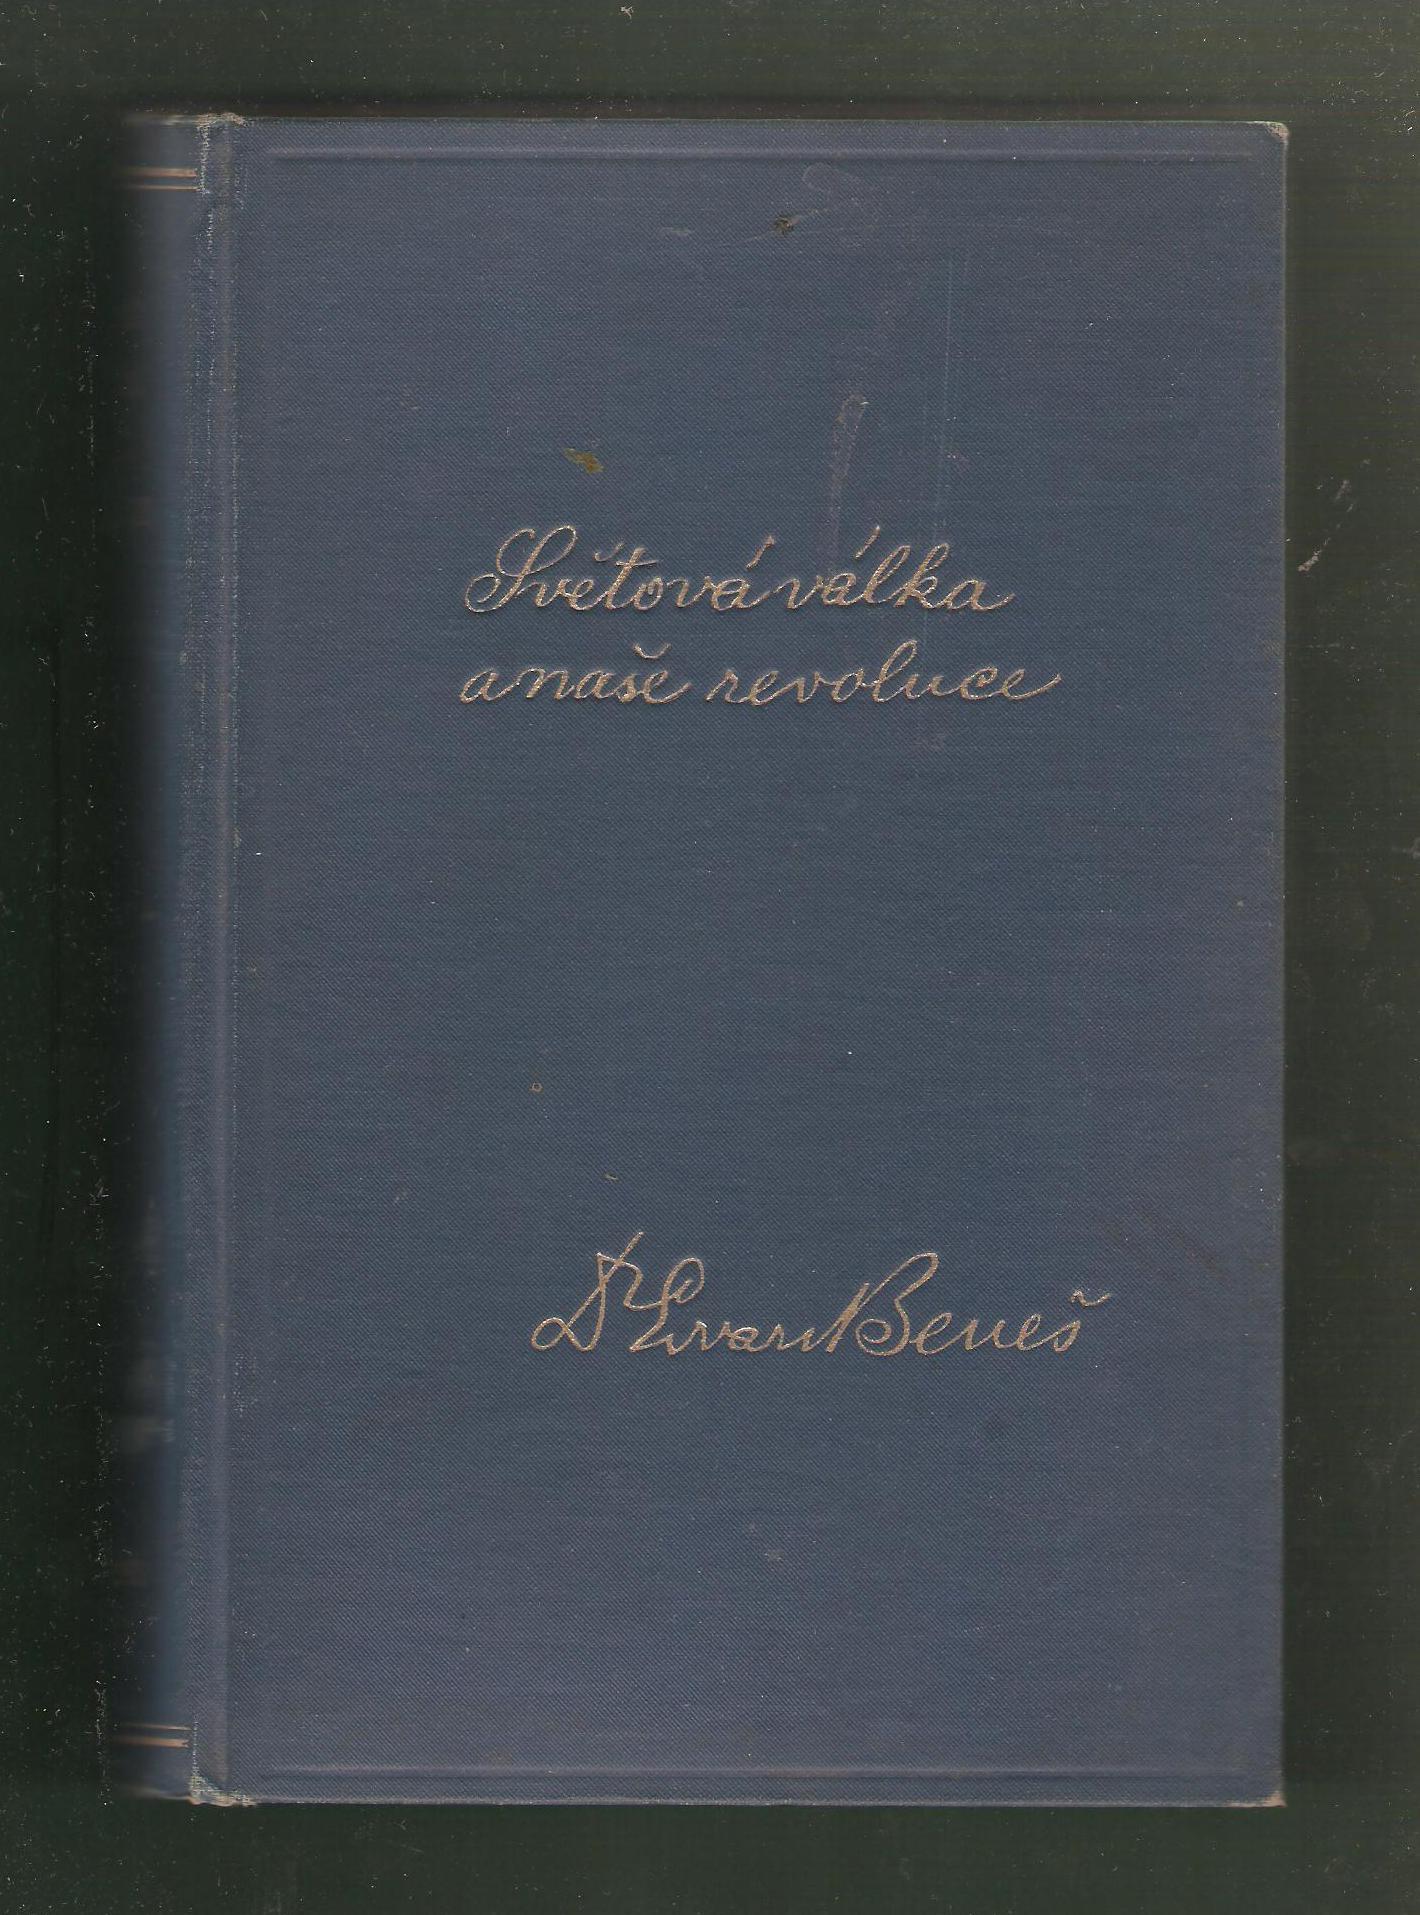 Světová válka a naše revoluce, díl druhý - Dr. Edvard Beneš